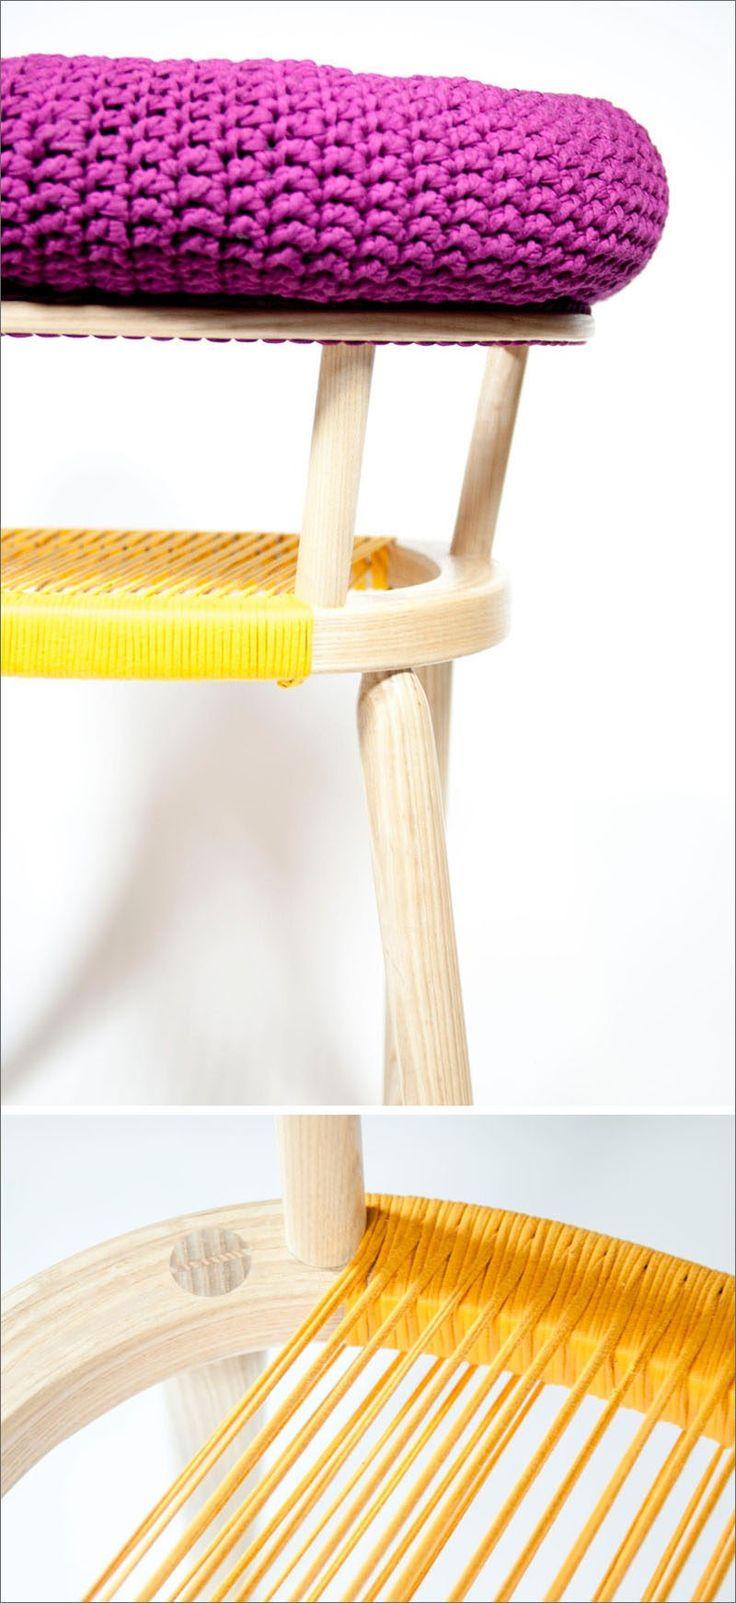 In Diesem Sessel Design Hat Häkeln Verwendet Worden, Um Das Obere Kissen Zu  Erstellen,